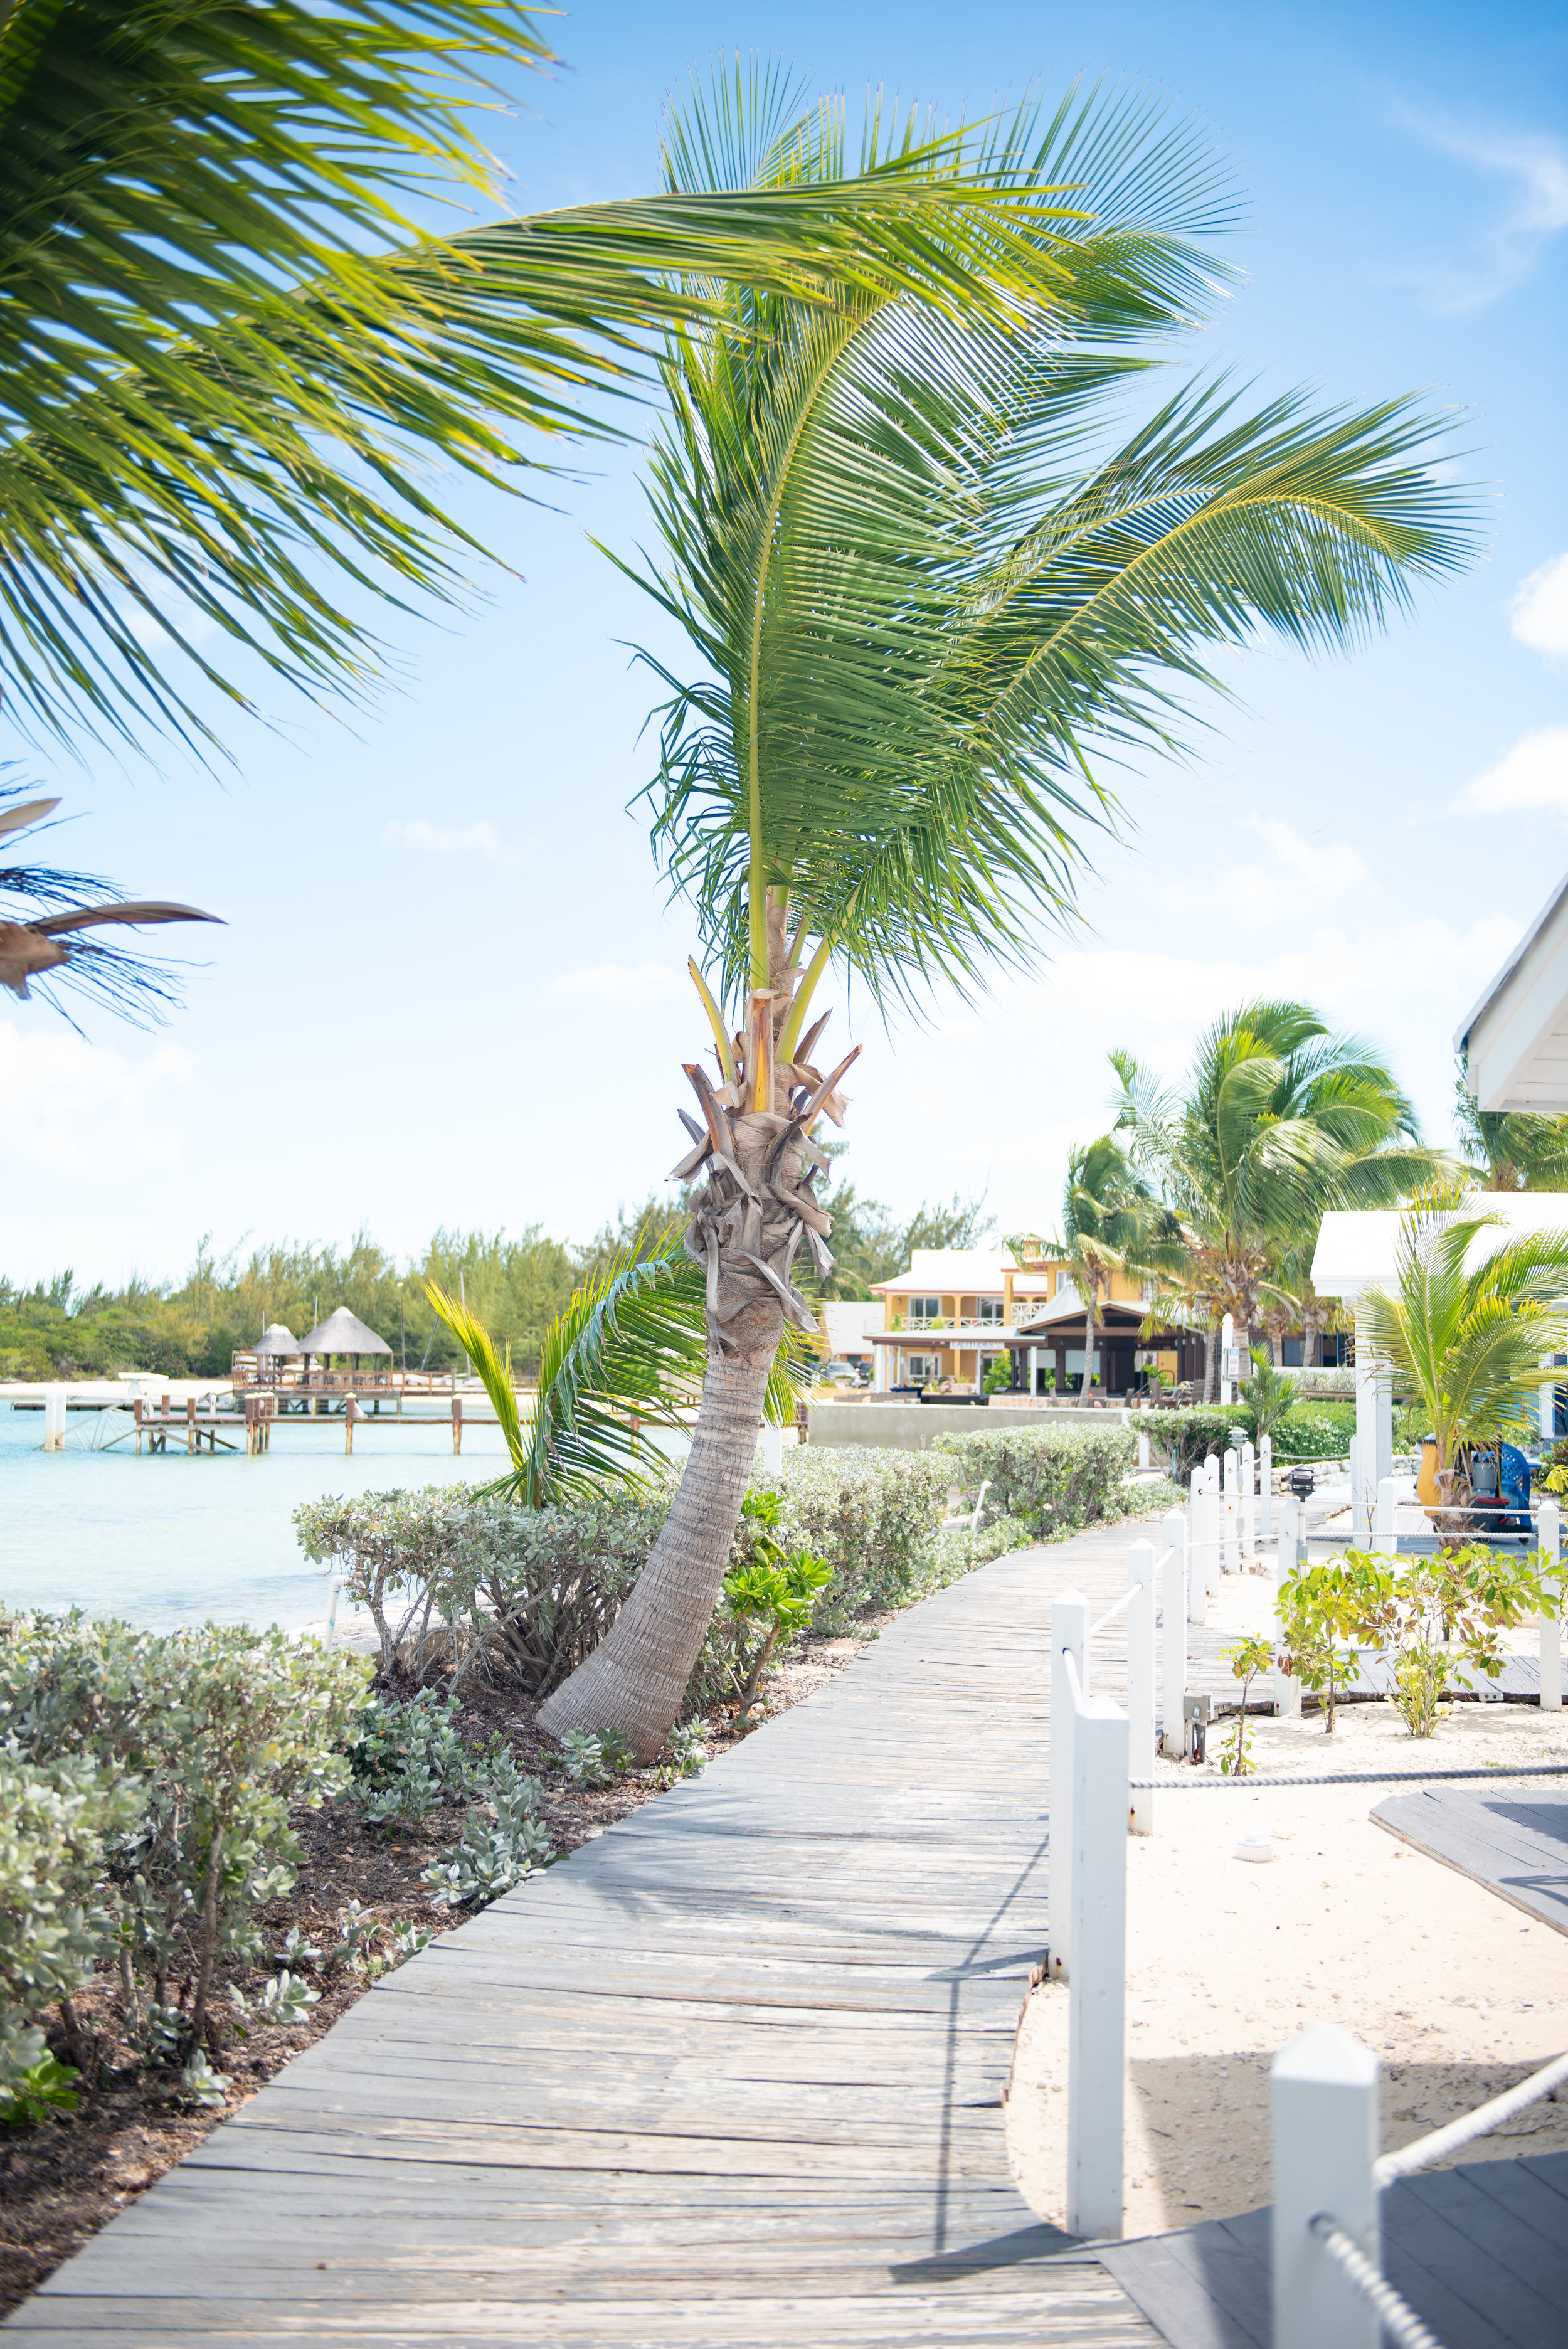 Exuma Bahamas 2019  (70 of 71).jpg